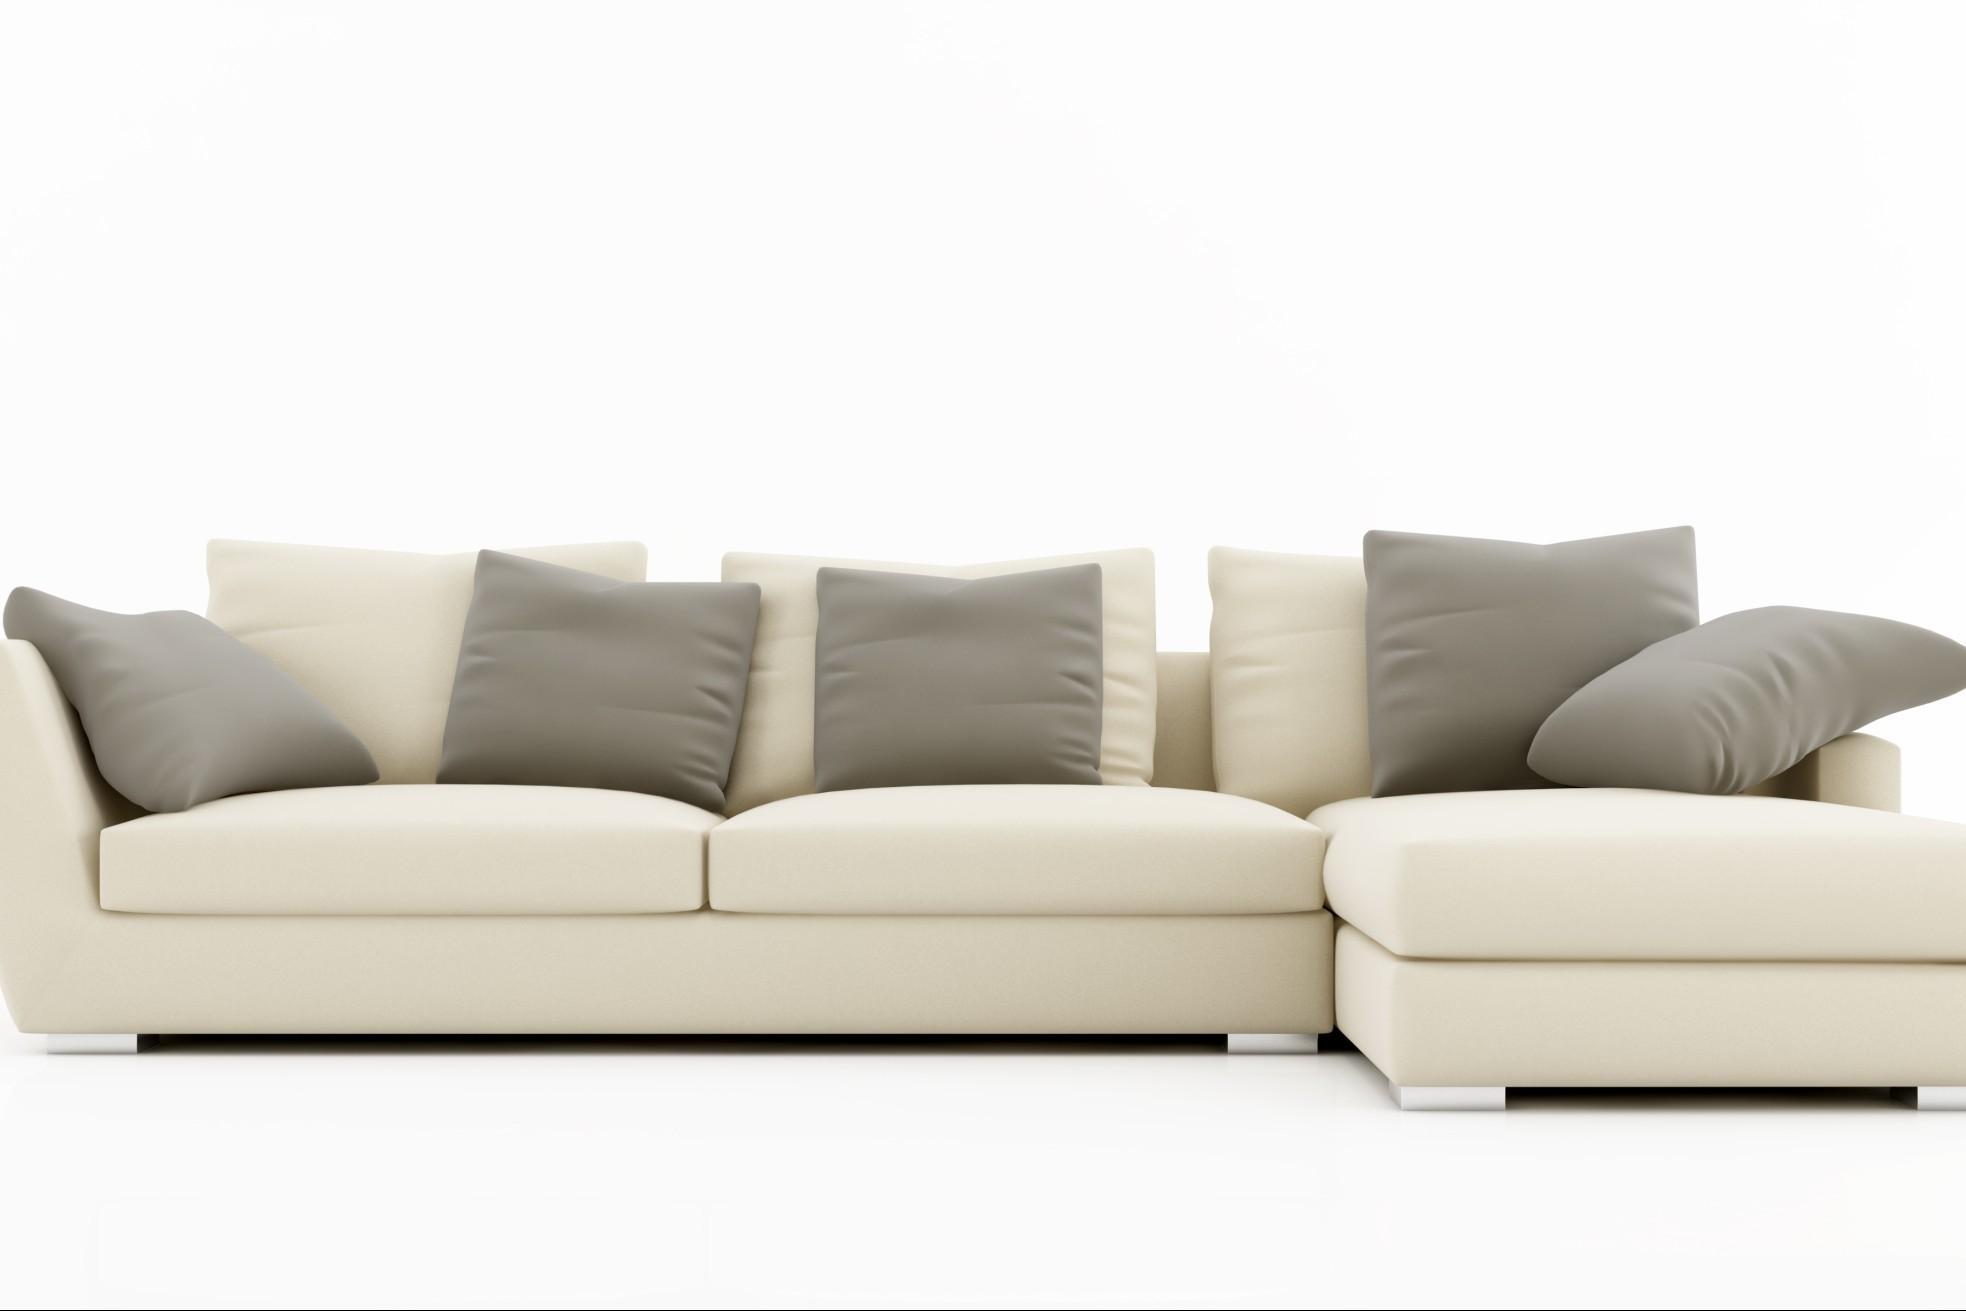 Prodotti naturali per pulizia casa e ufficio prodotti - Prodotti per la pulizia del divano in pelle ...